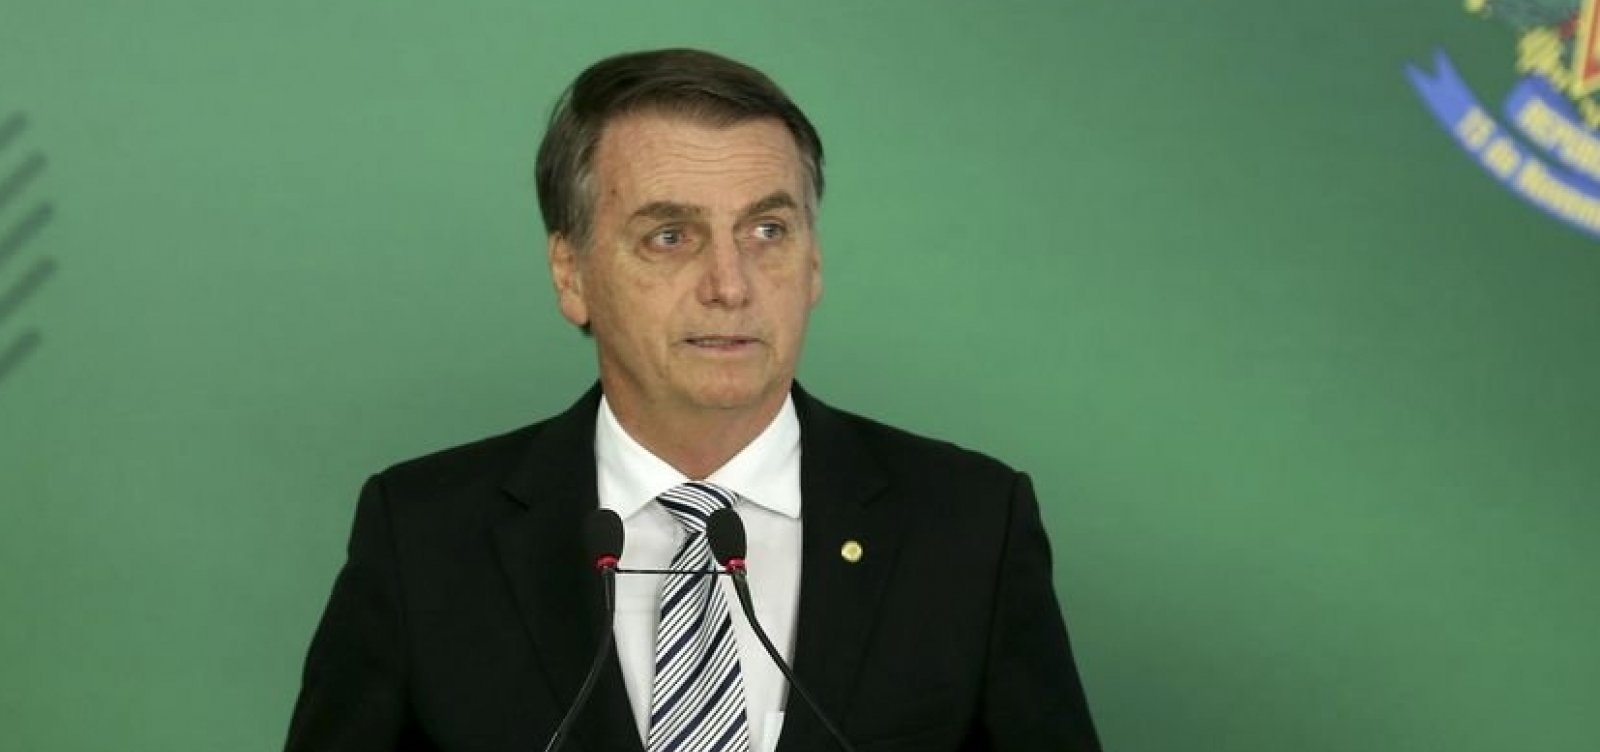 [Equipe de Bolsonaro escala 'velha guarda' da Câmara para articular reforma da Previdência]